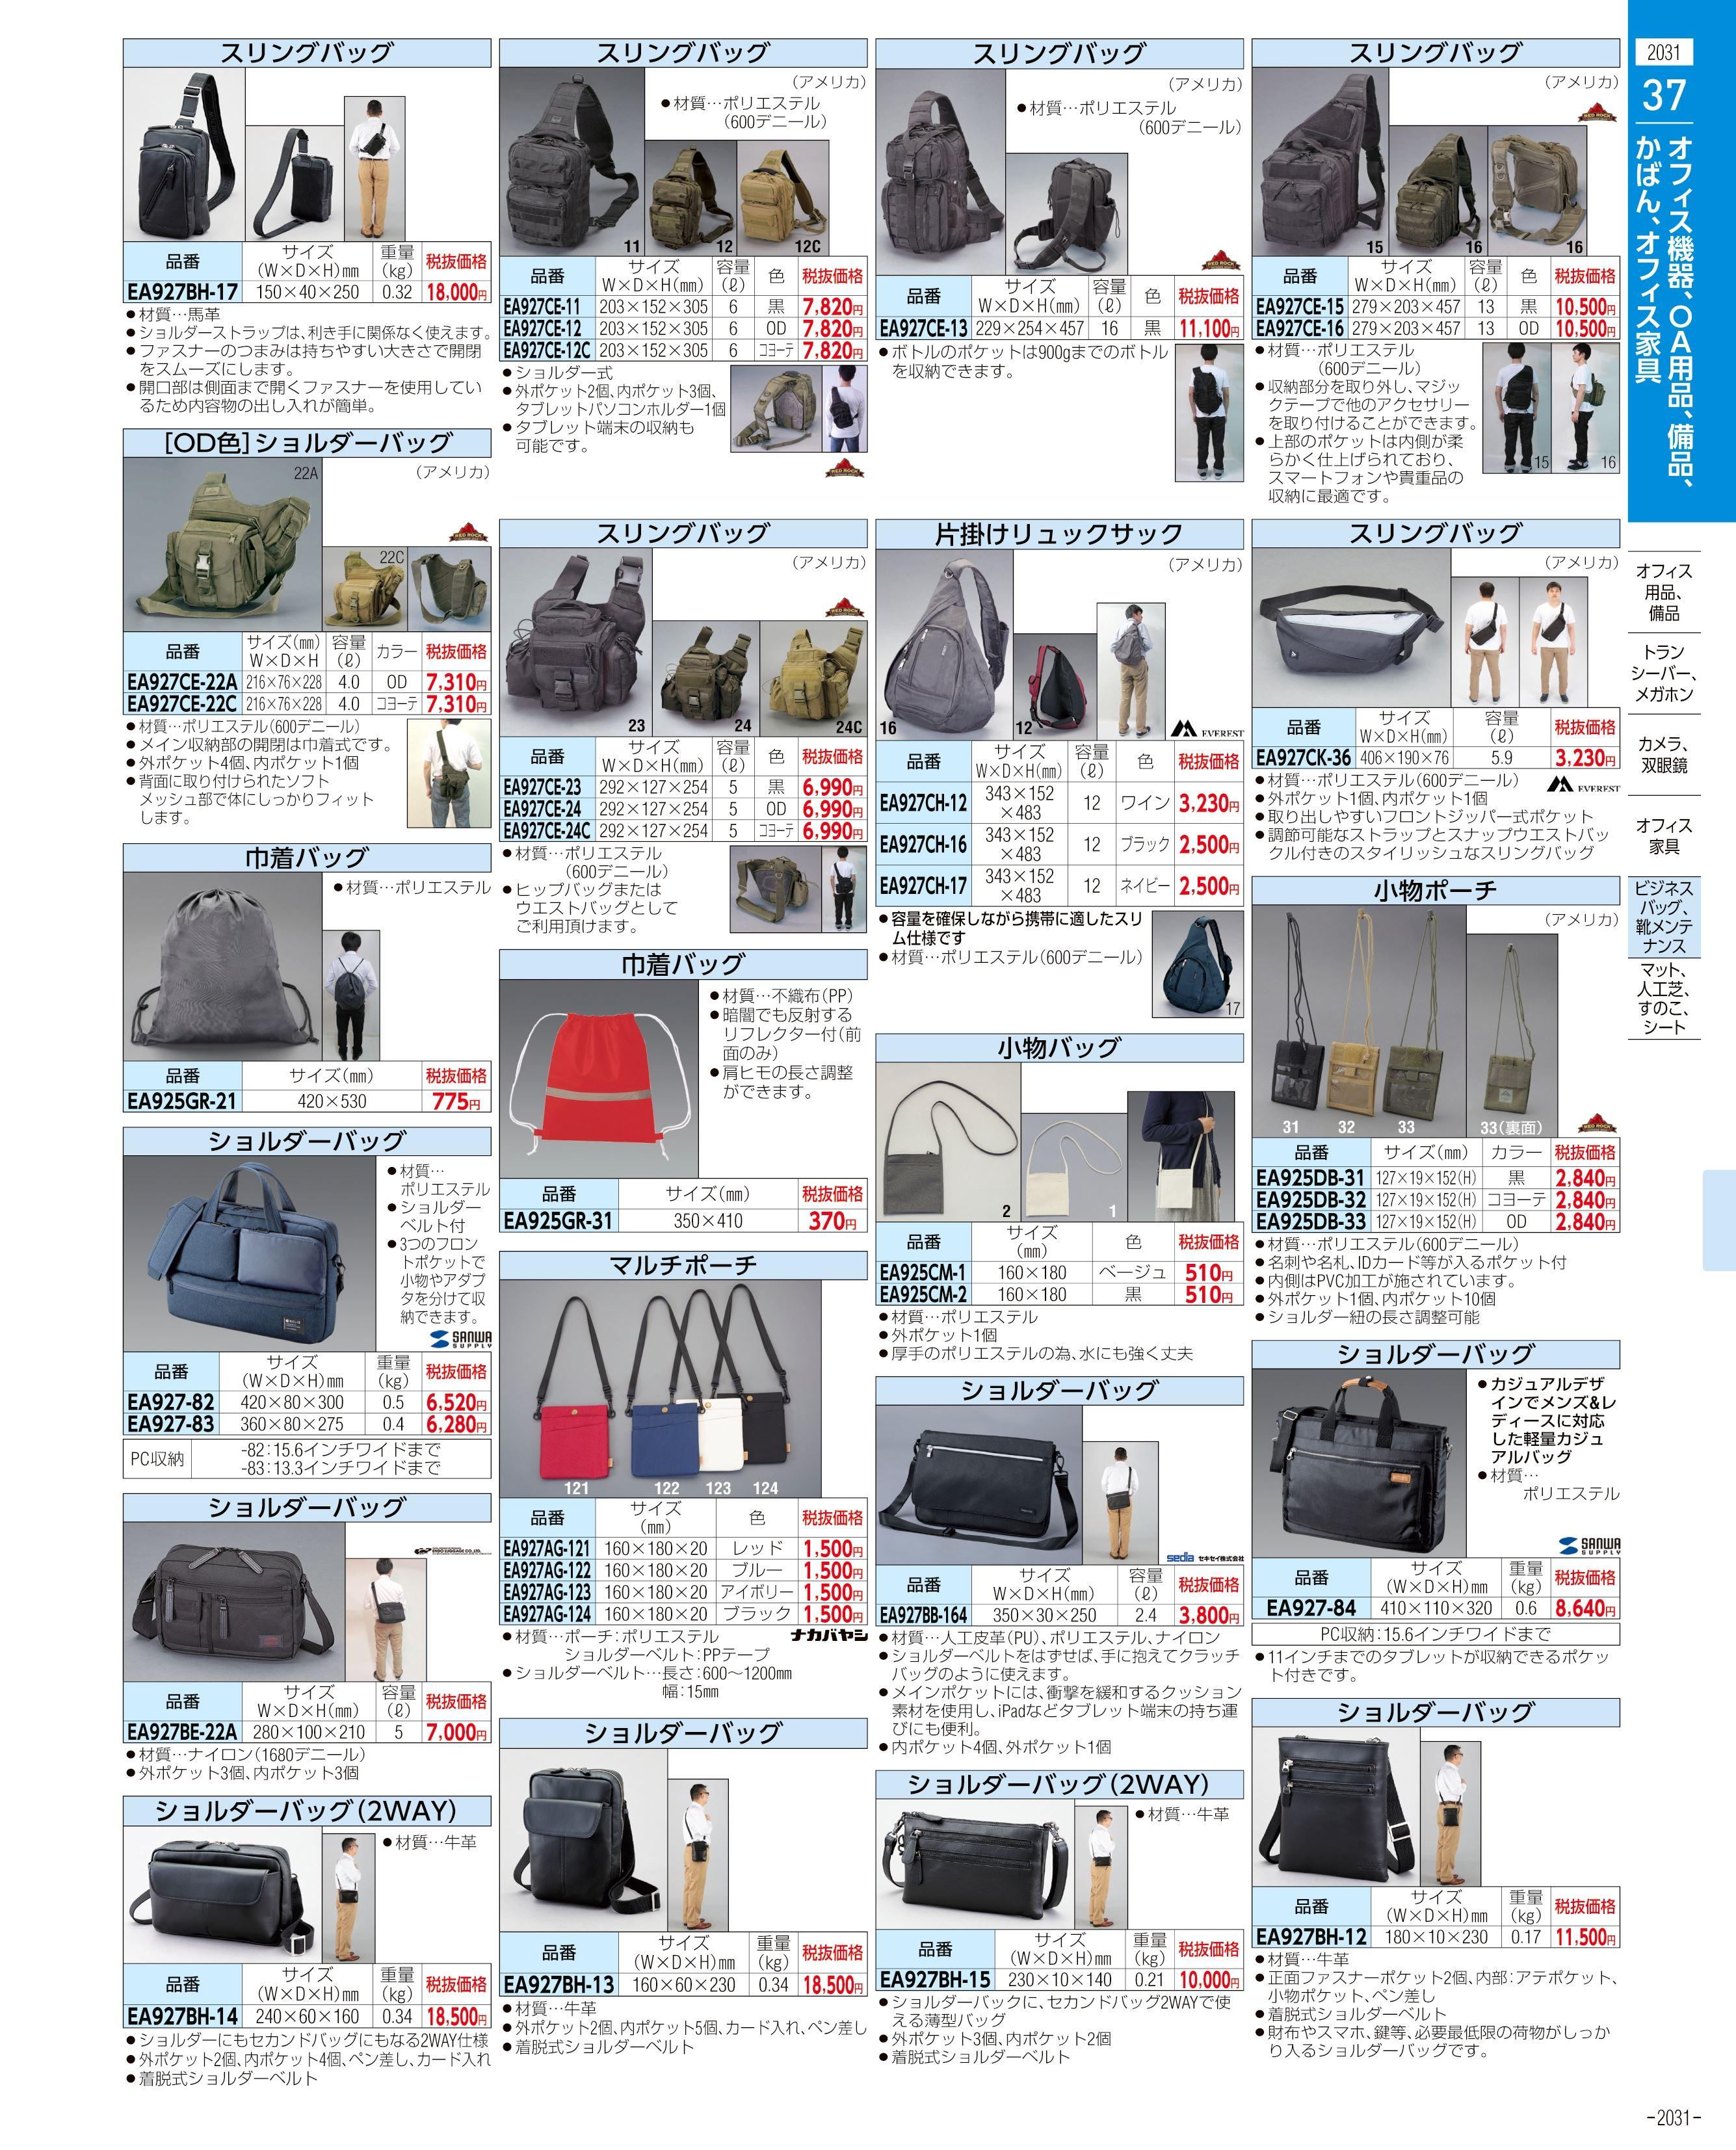 エスコ便利カタログ2031ページ